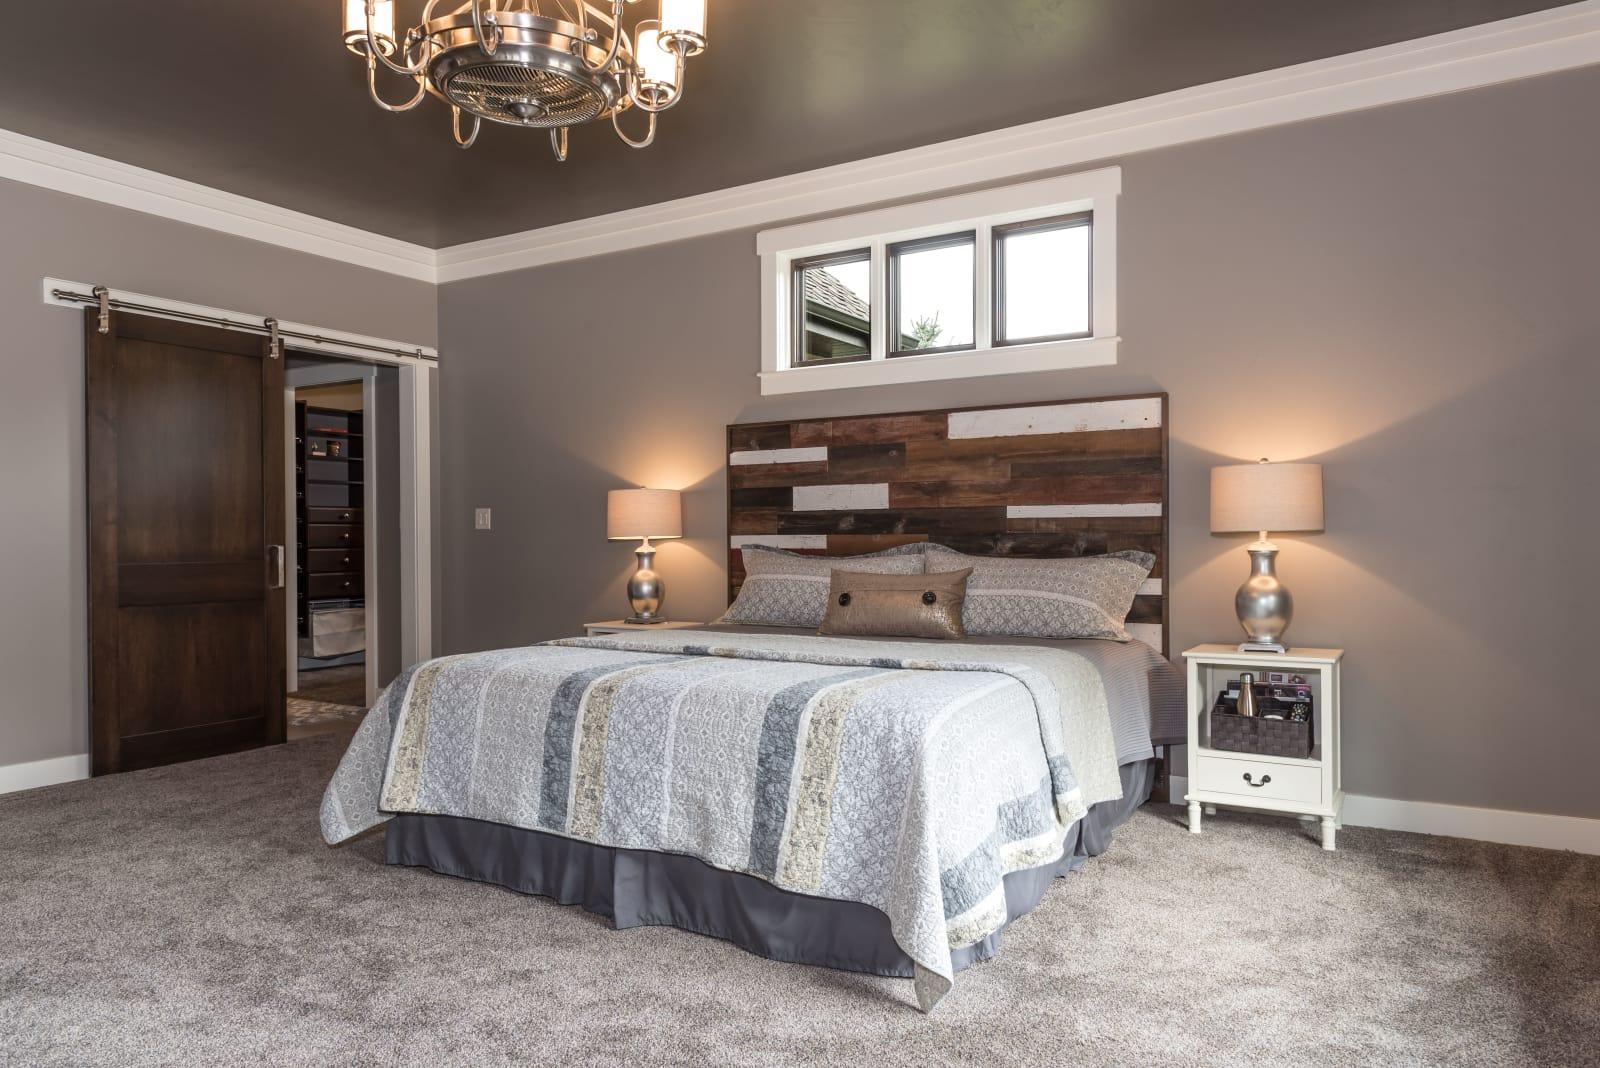 Van's Lumber Photography Bedroom and Closet